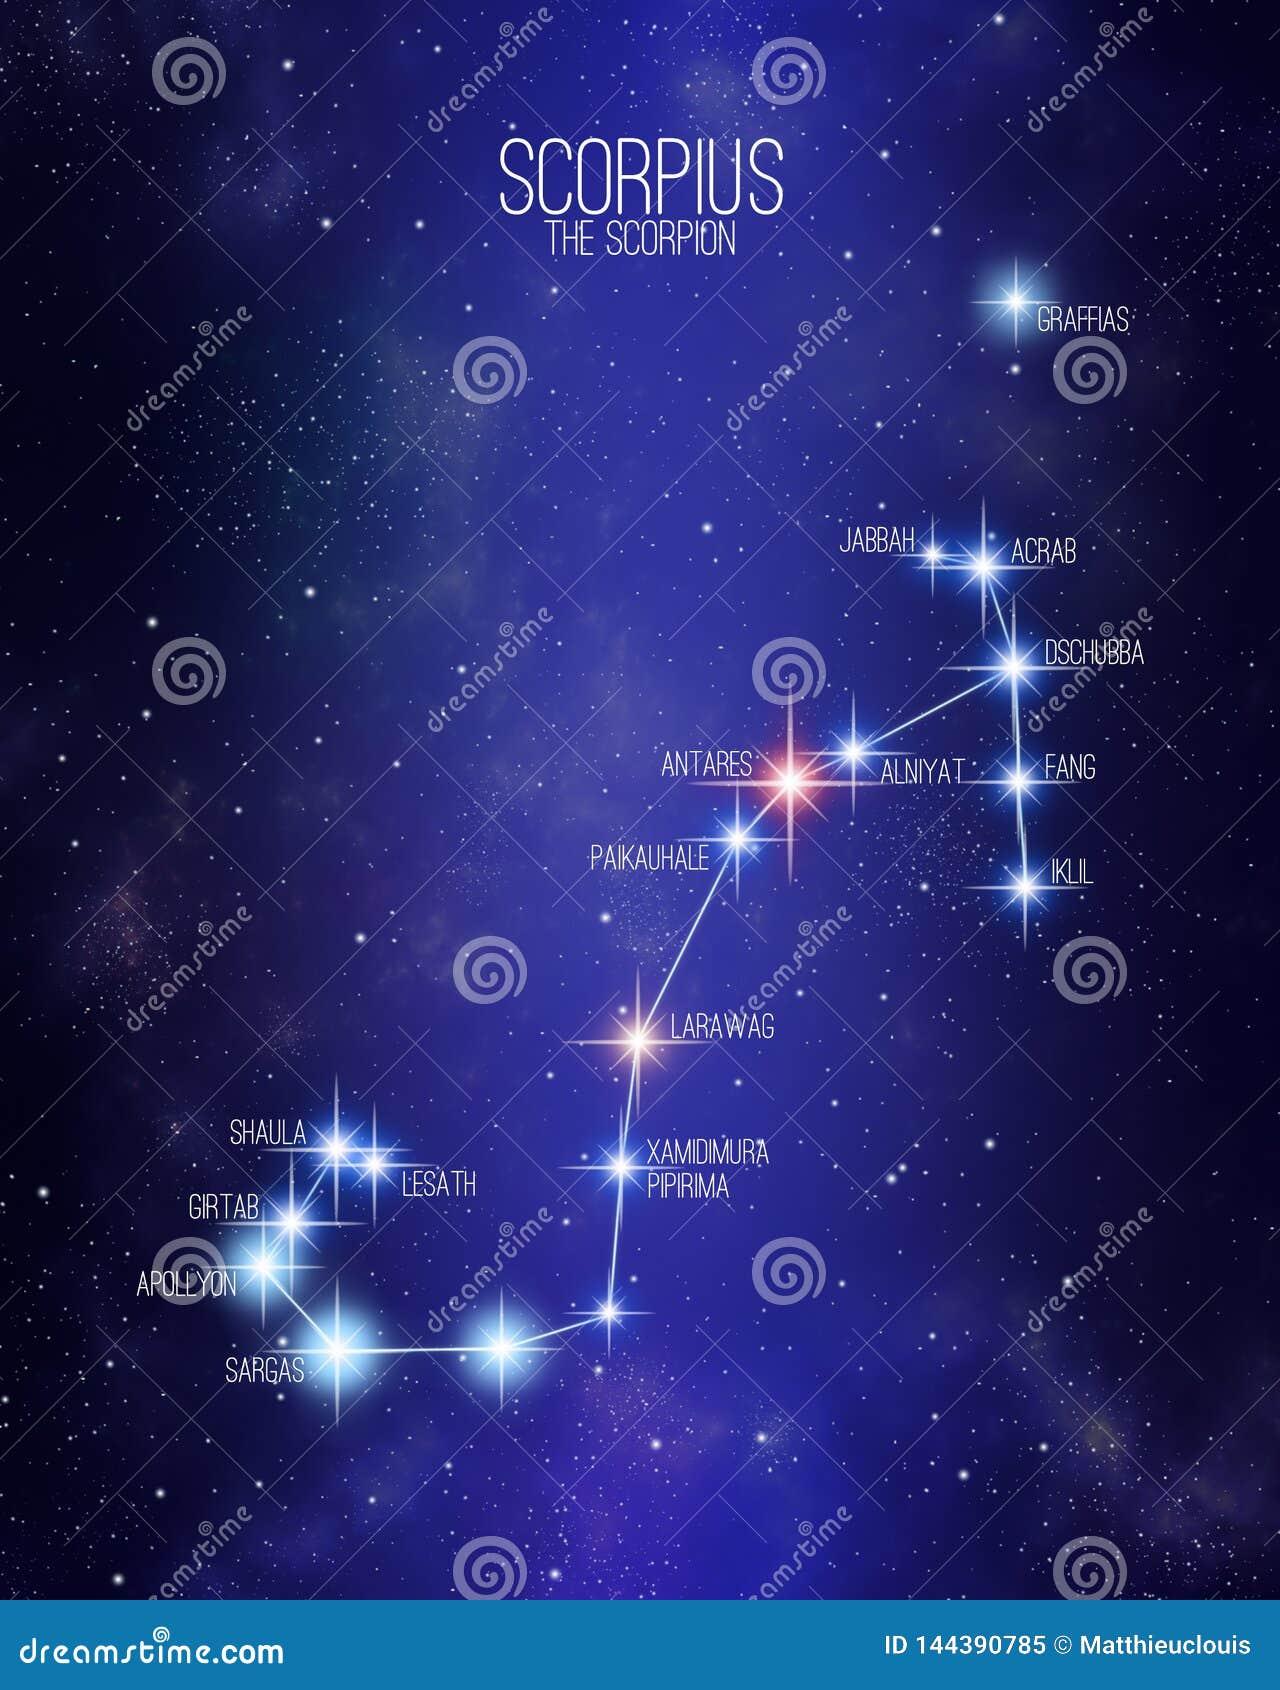 Scorpius карта созвездия зодиака скорпиона на звездной предпосылке космоса с именами своих главных звезд Размеры звезд относитель